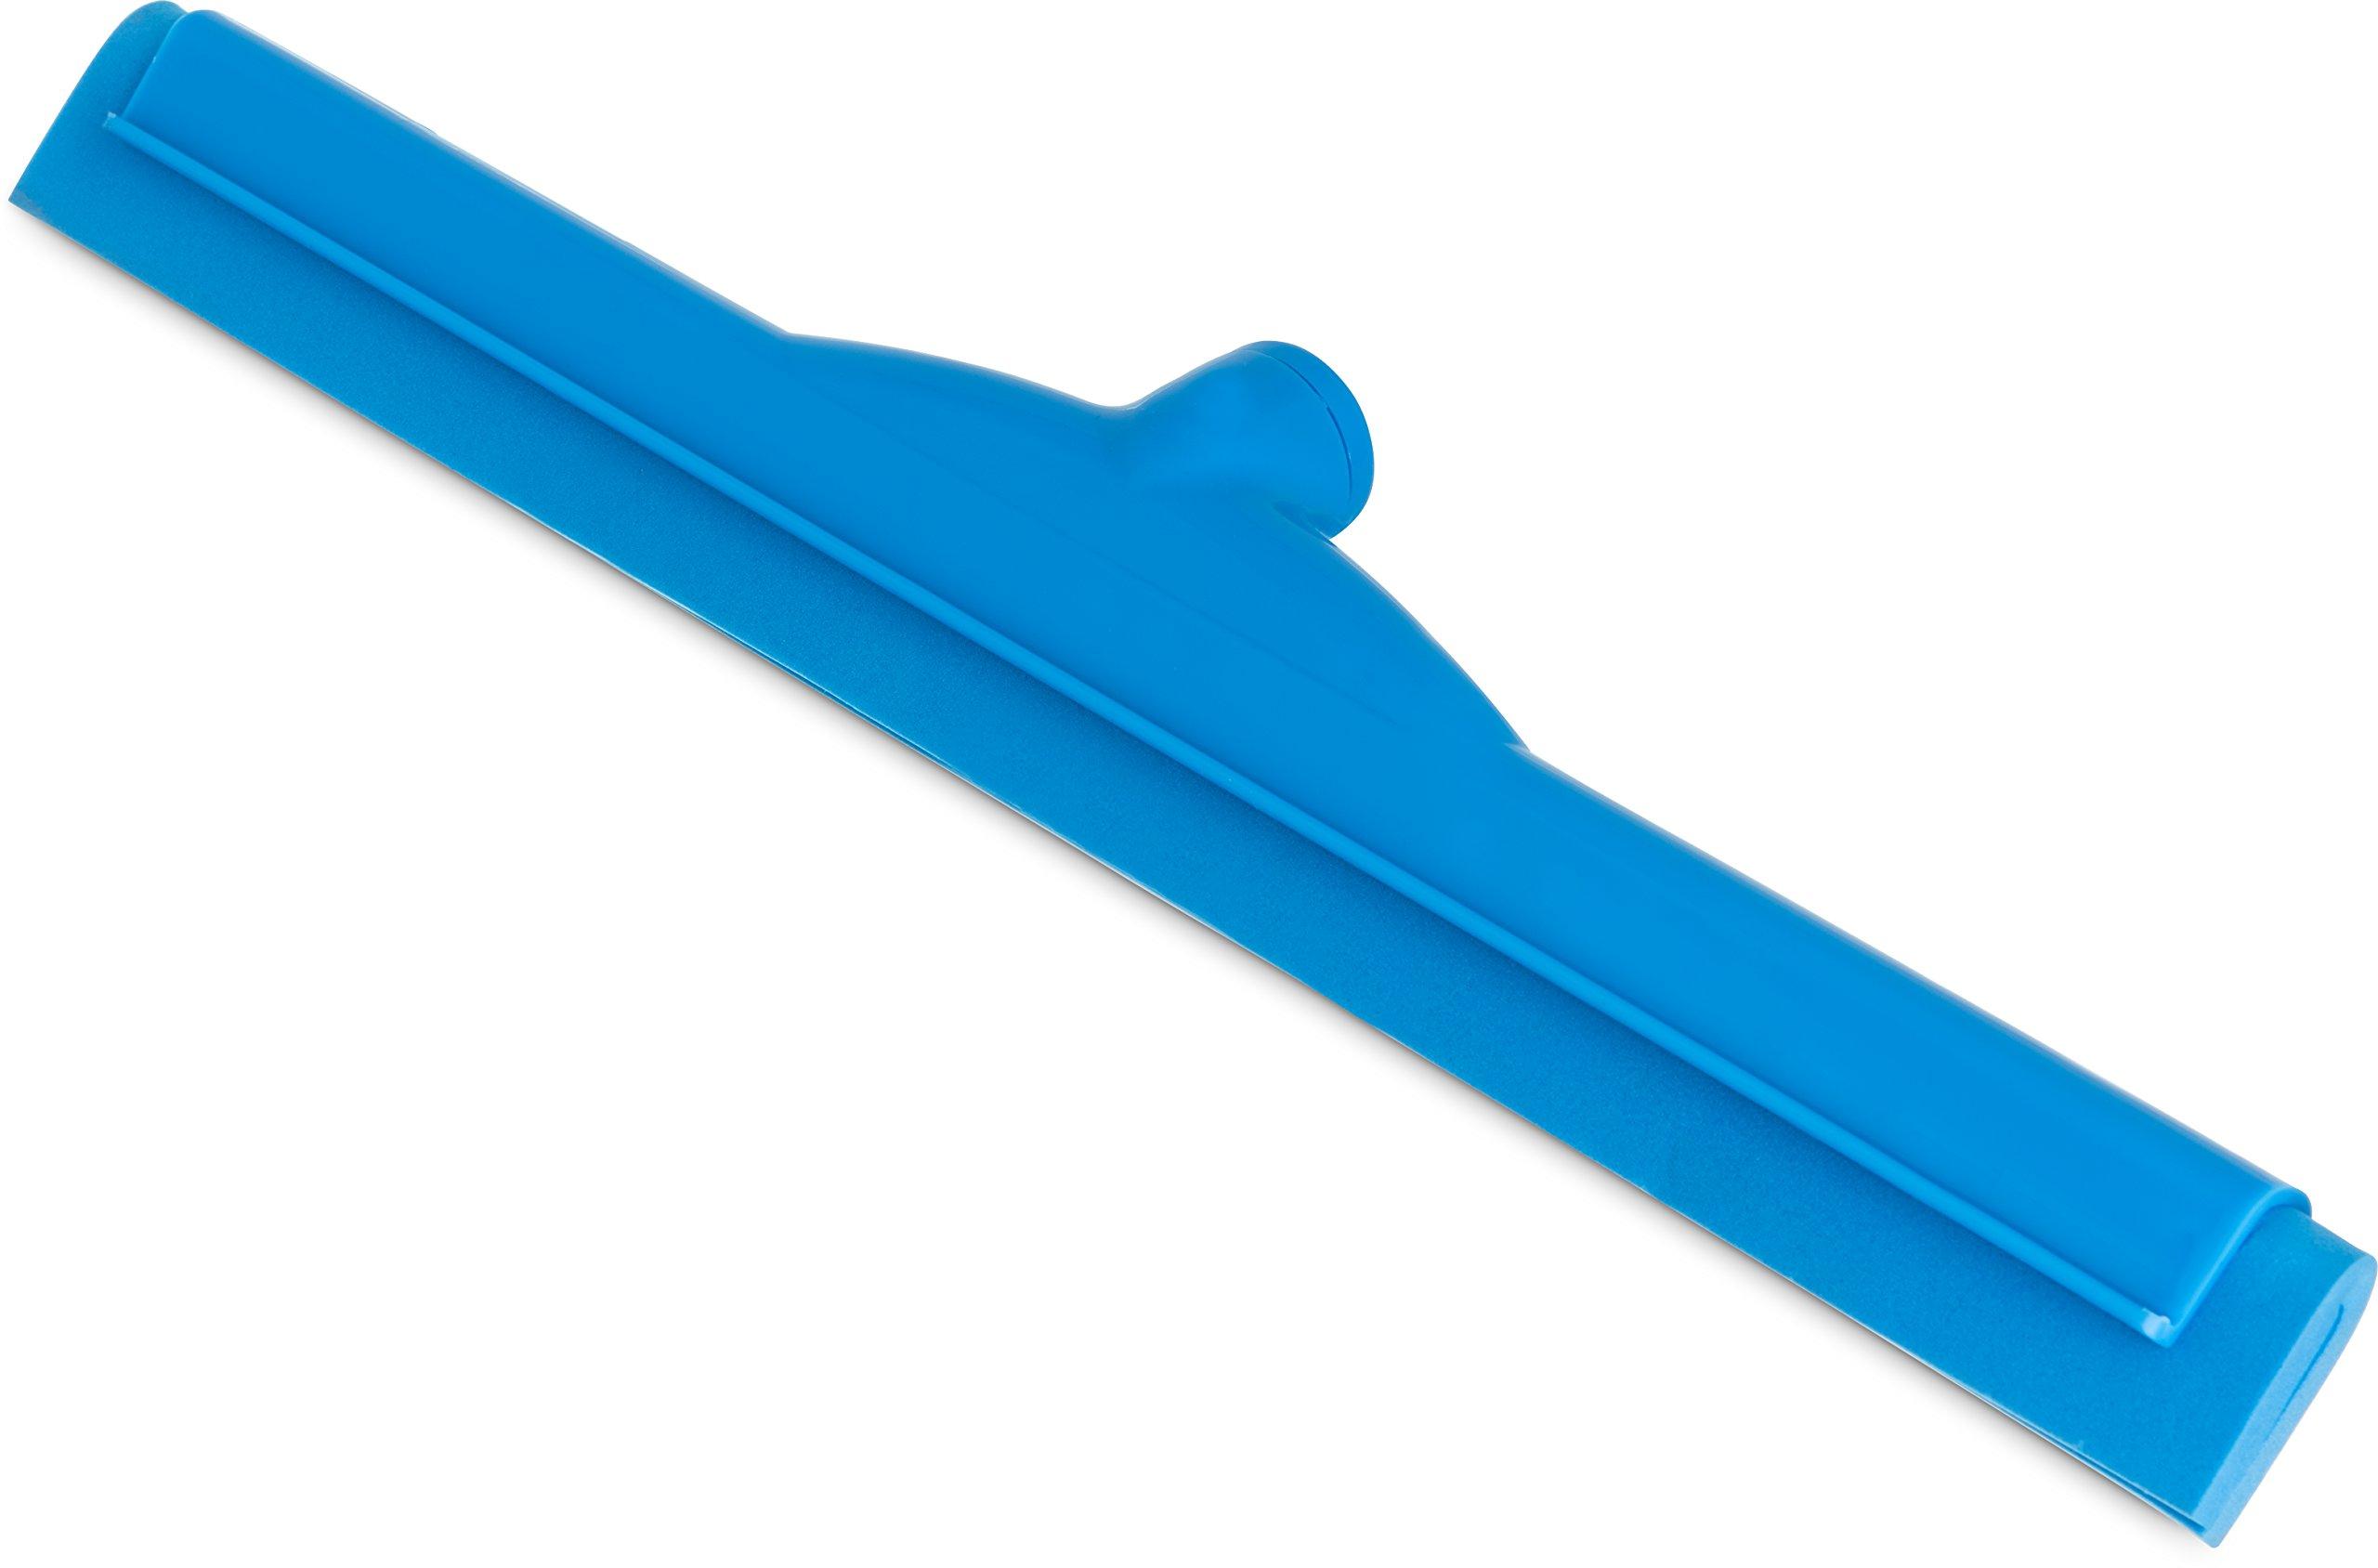 Carlisle 4156714 Spectrum Plastic Double Foam Rubber Hygienic Floor Squeegee, 18'' Width, Blue (Case of 6)